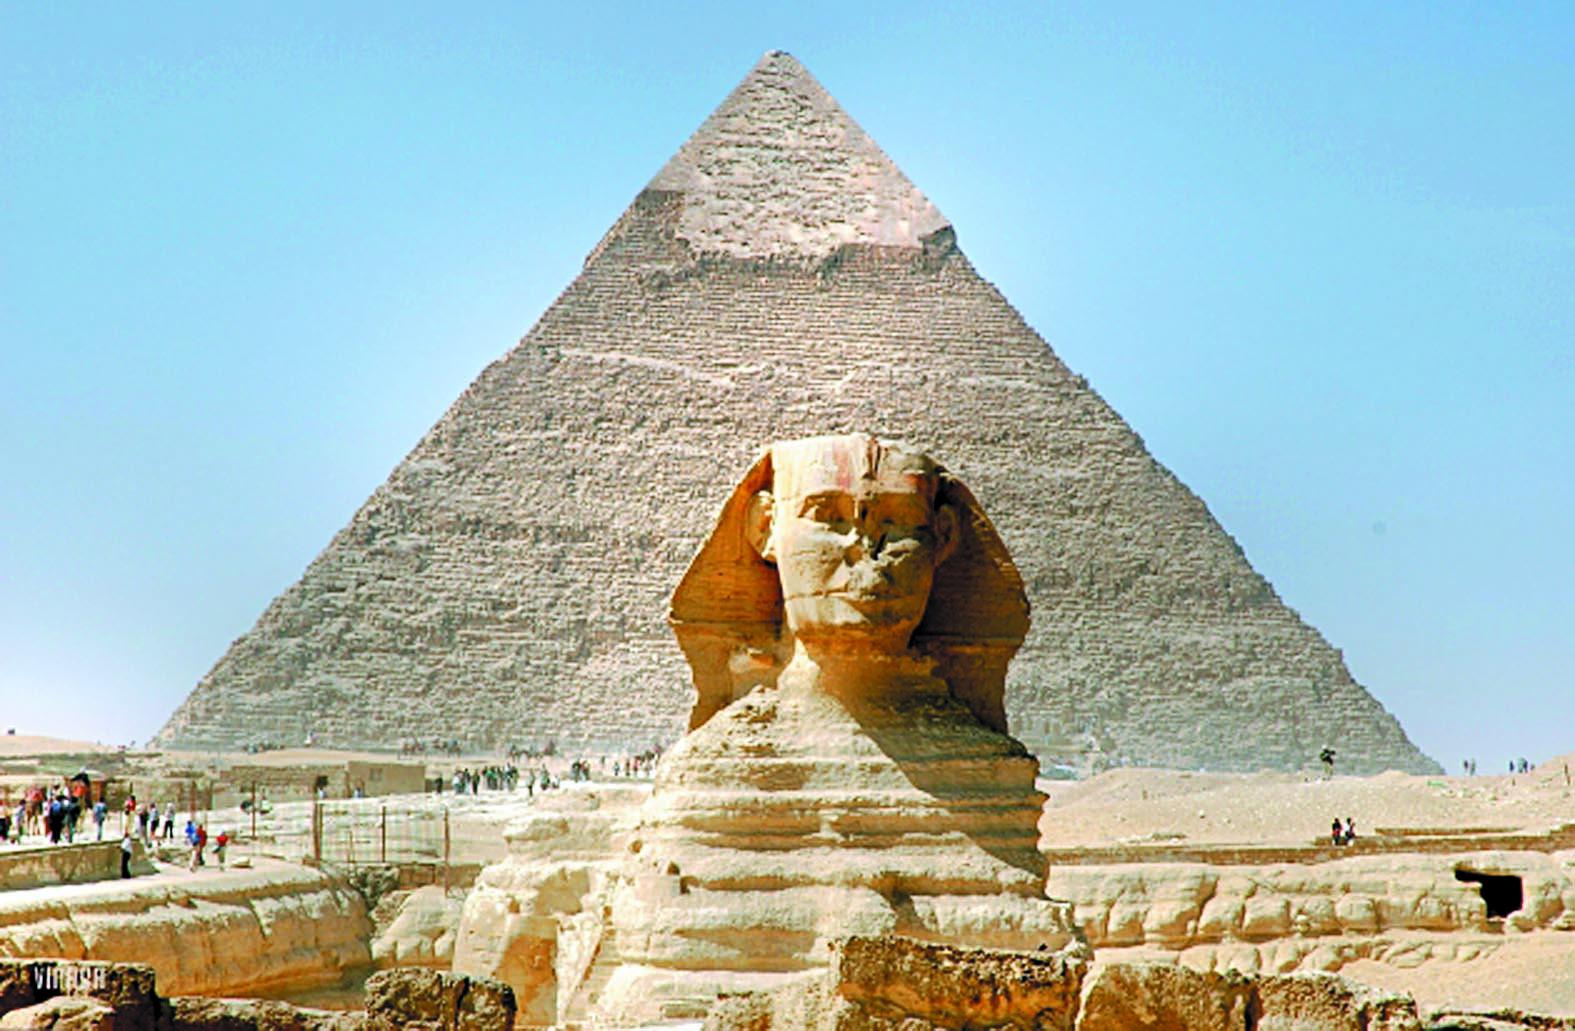 Insolite : Les pyramides d'Egypte